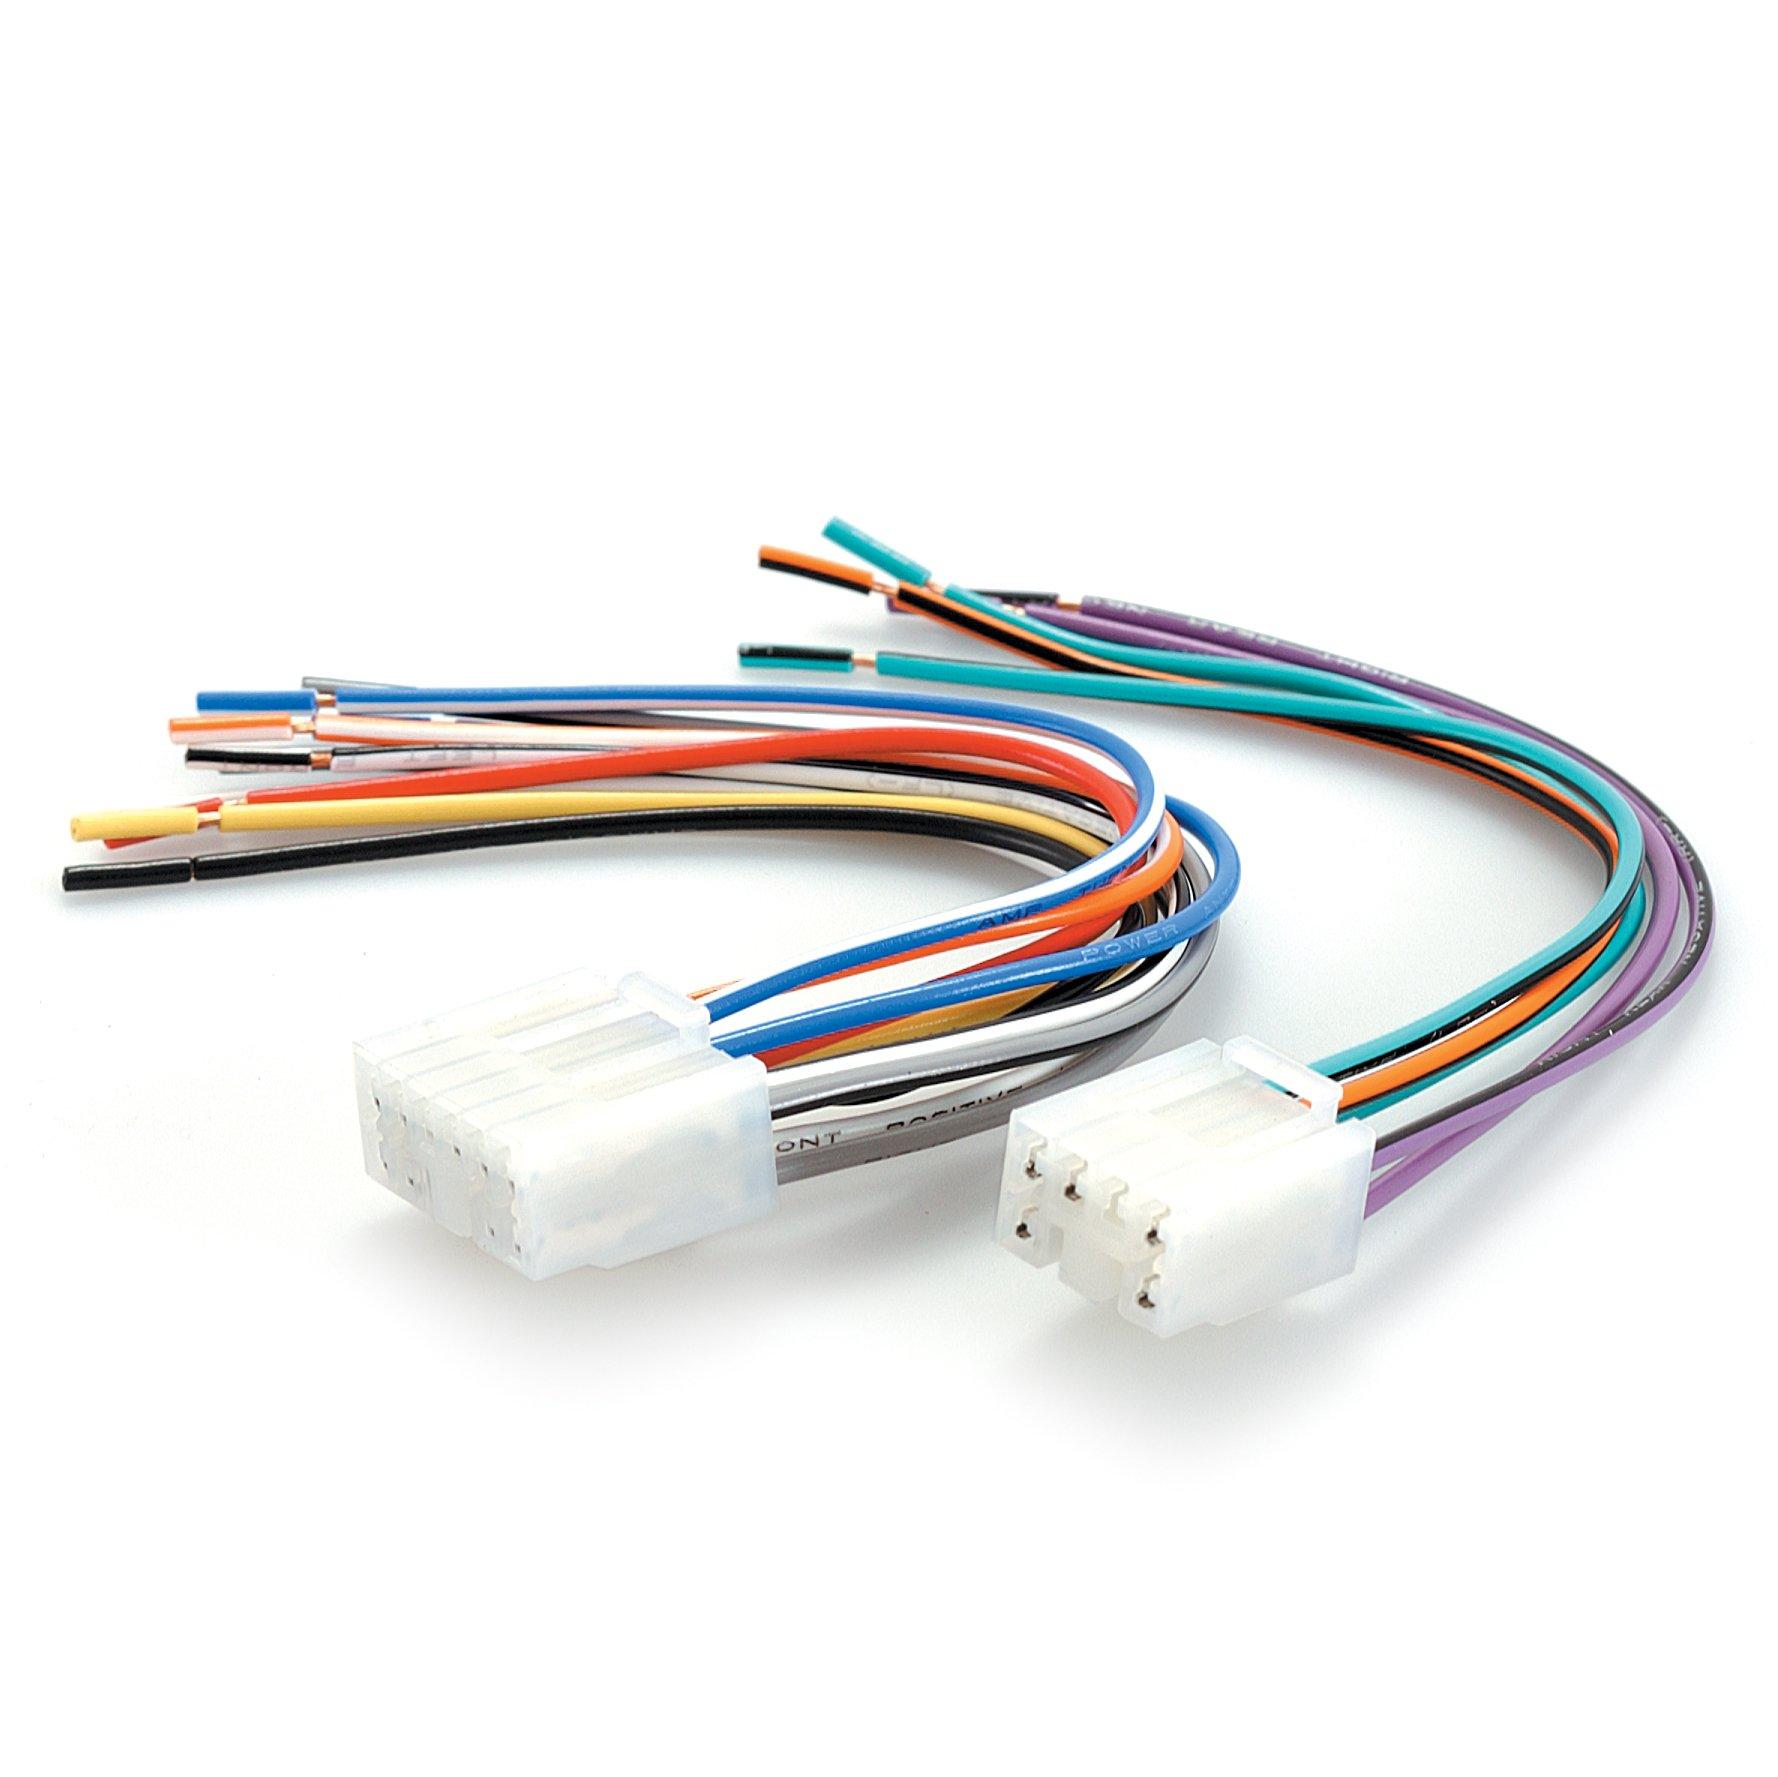 Aerpro Wiring Harness Honda : Aerpro wiring harness toyota diagram images